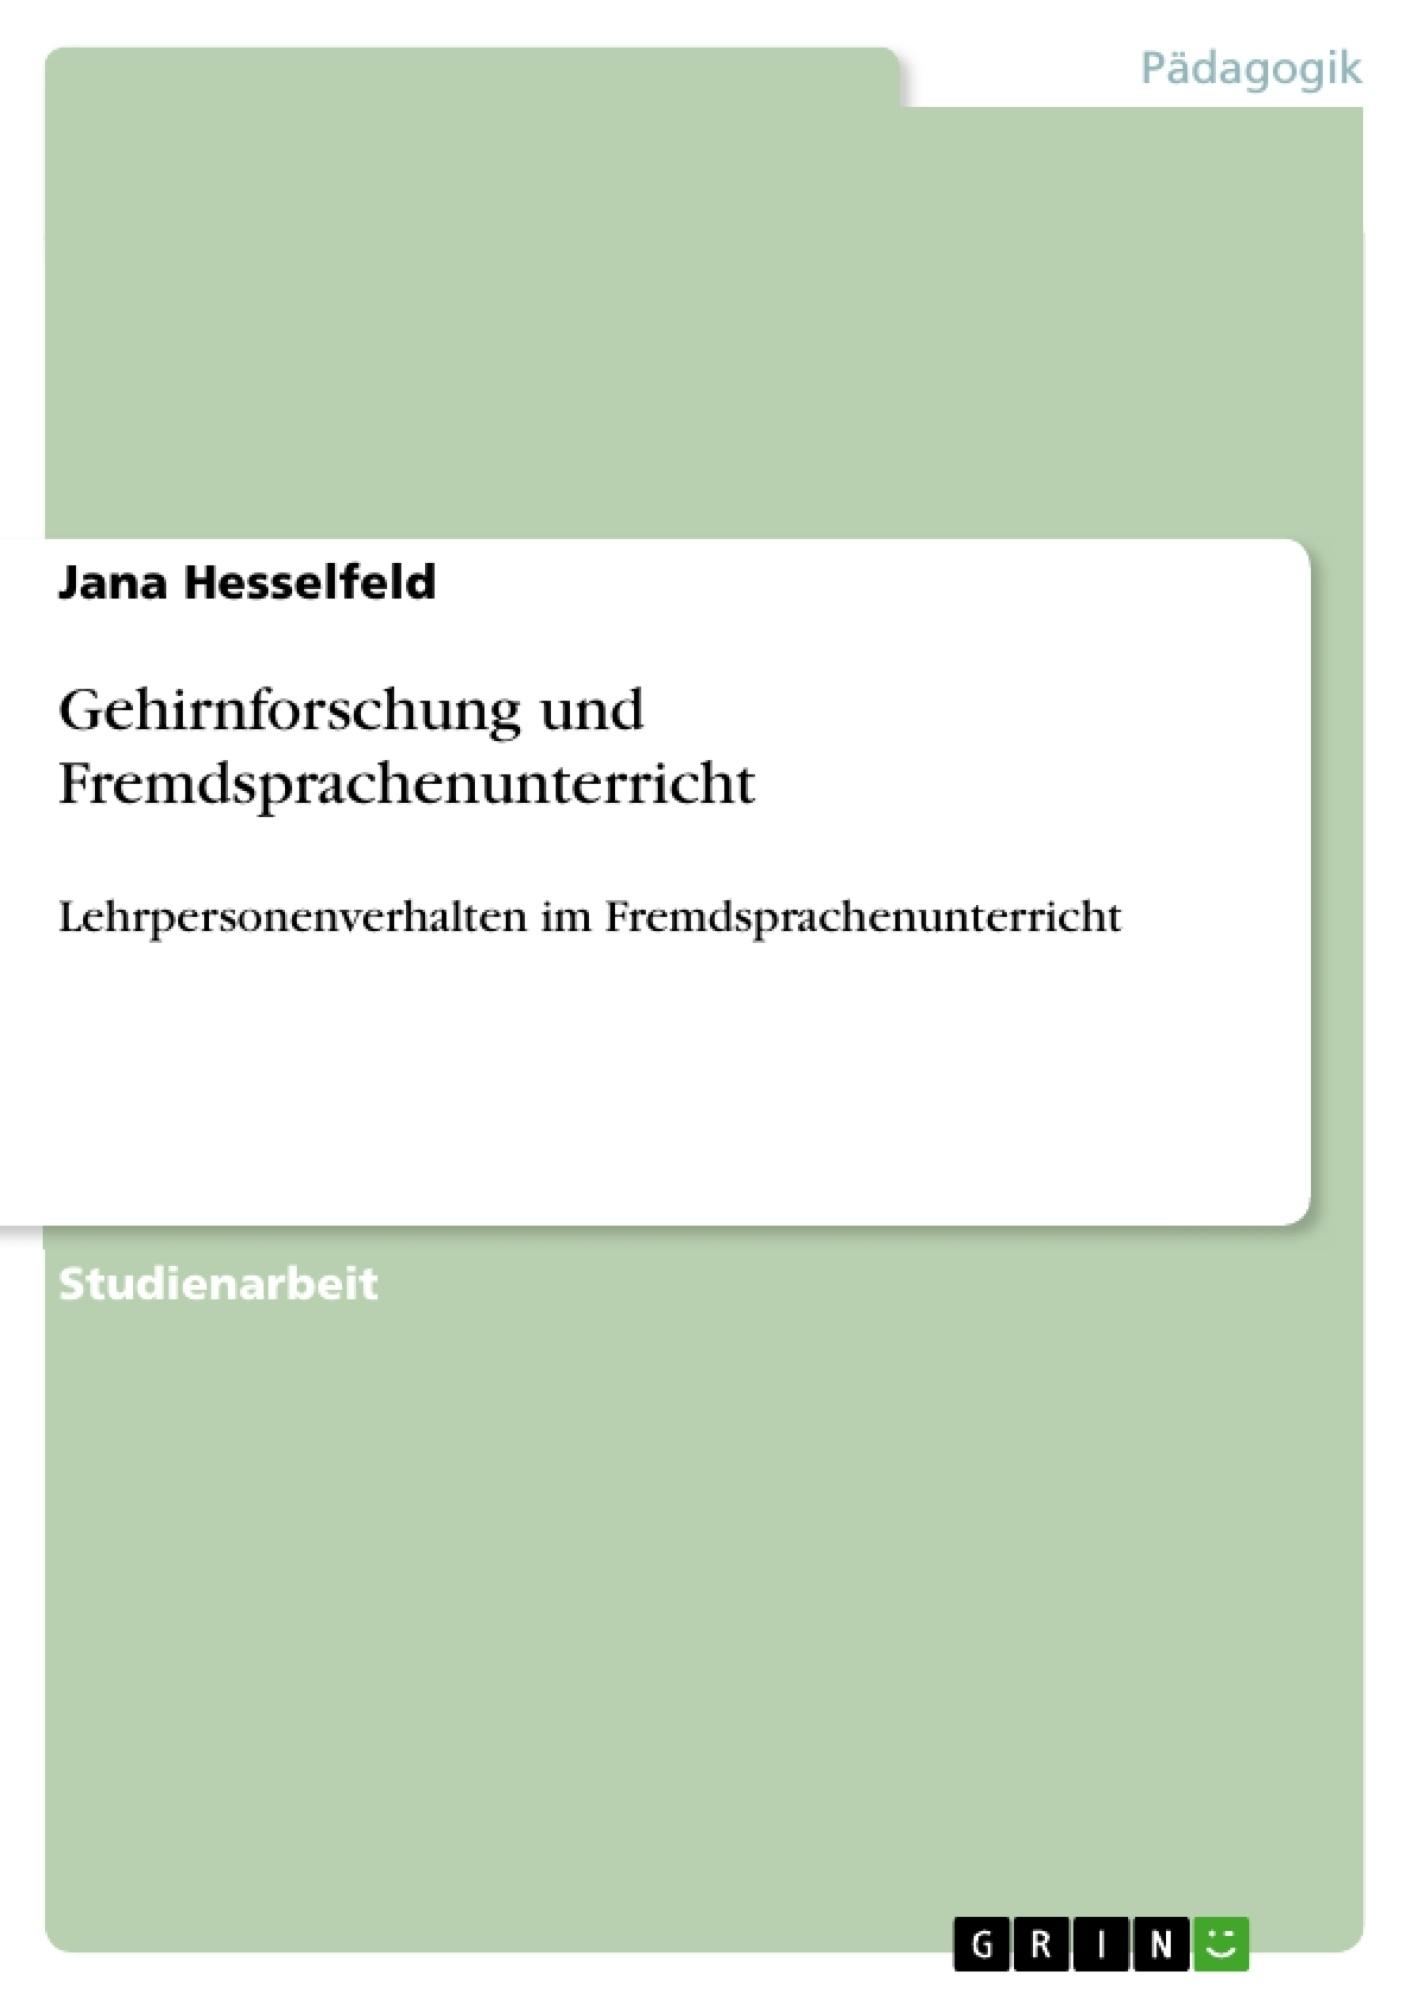 Titel: Gehirnforschung und Fremdsprachenunterricht